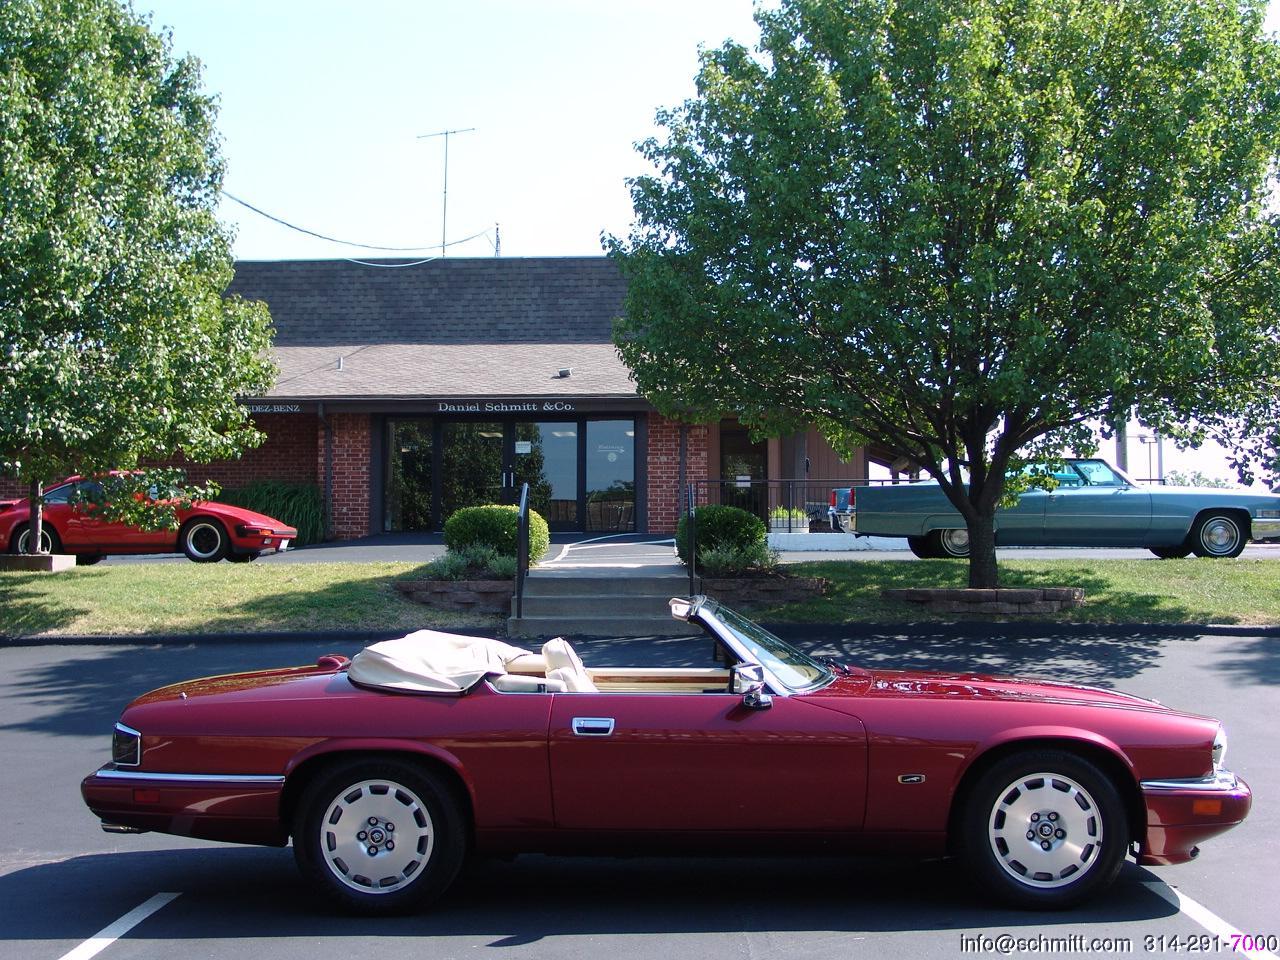 Jaguar Daniel Schmitt Company 1970 Xj6 In Sapphire Blue 1996 Xjs 4 Passenger Convertible